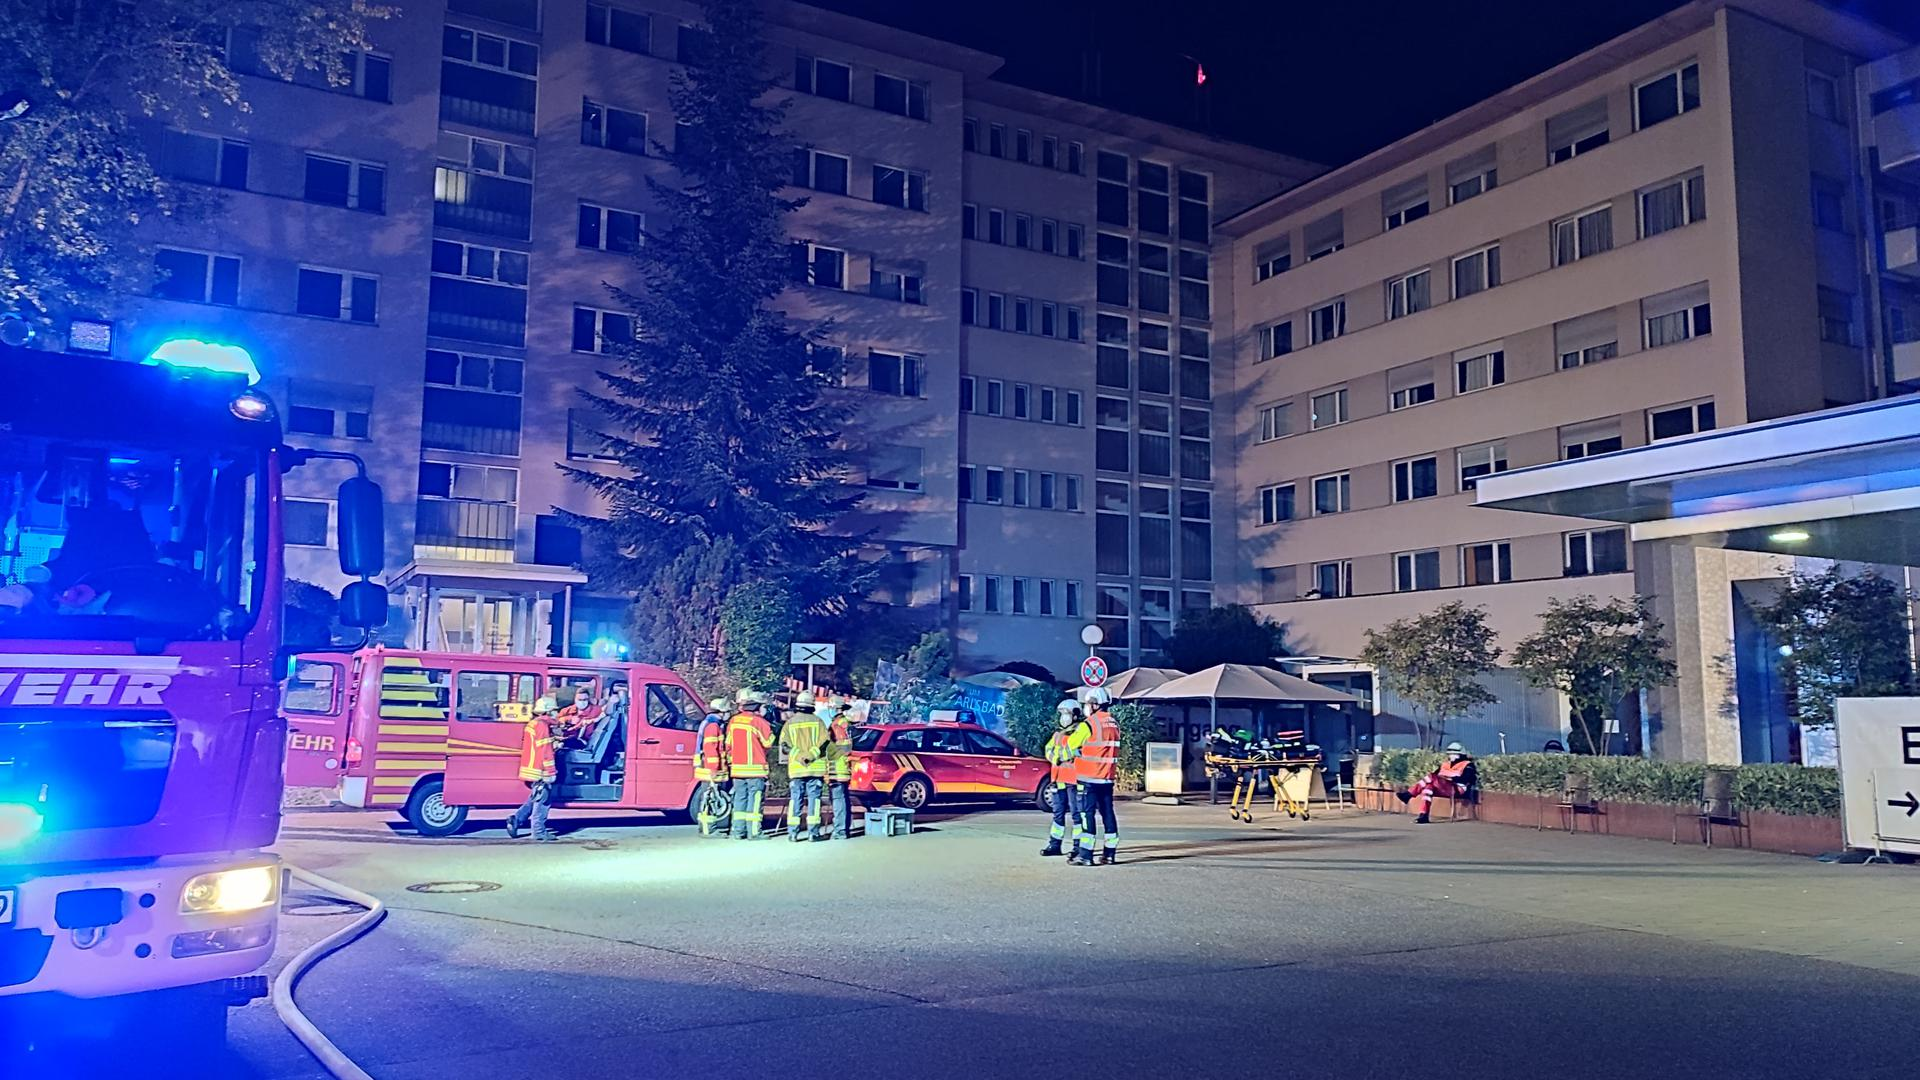 Feuerwehreinsatz am SRH-Klinikum Karlsbad.